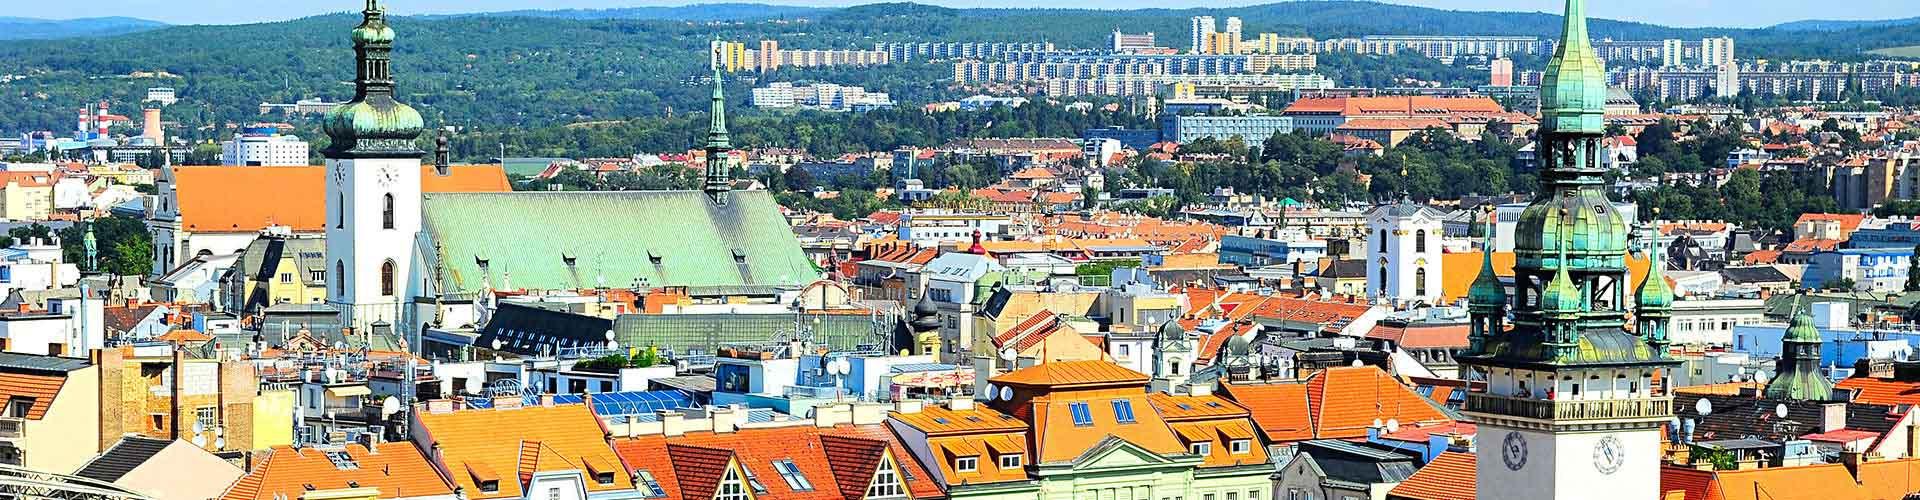 Brno - Albergues Juveniles en Brno. Mapas de Brno, Fotos y Comentarios para cada Albergue Juvenil en Brno.